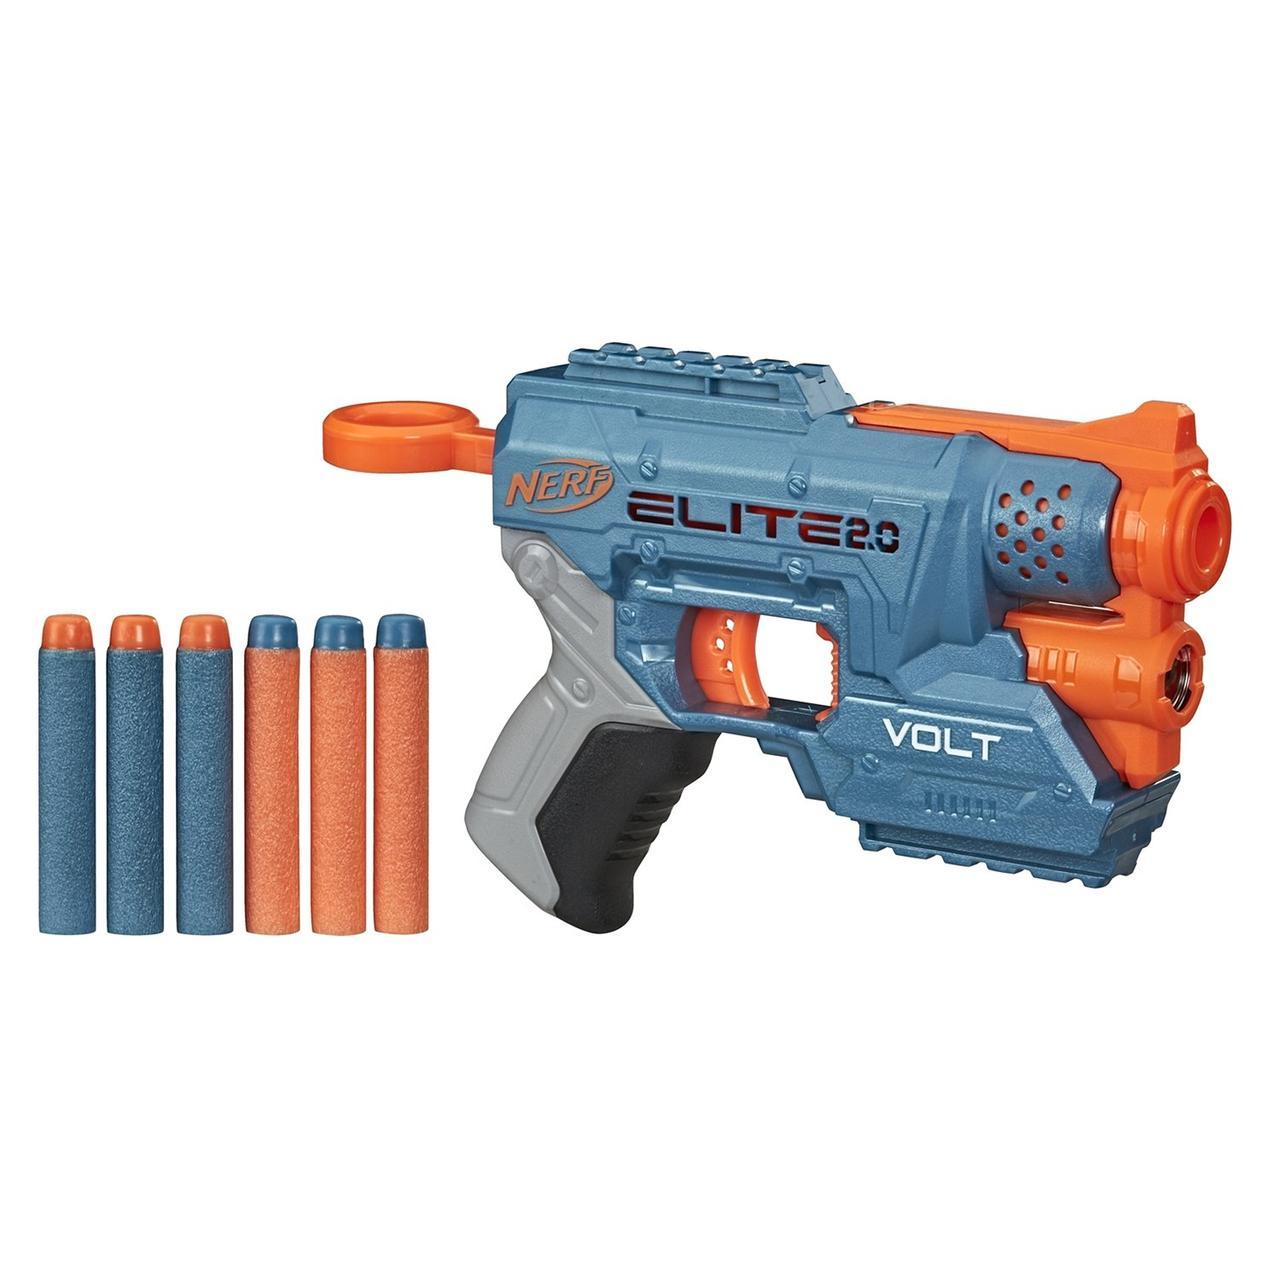 Hasbro Nerf N-Strike Elite 2,0 Пистолет Бластер Нёрф Вольт СД-1 с лазерным прицелом (Volt SD-1)